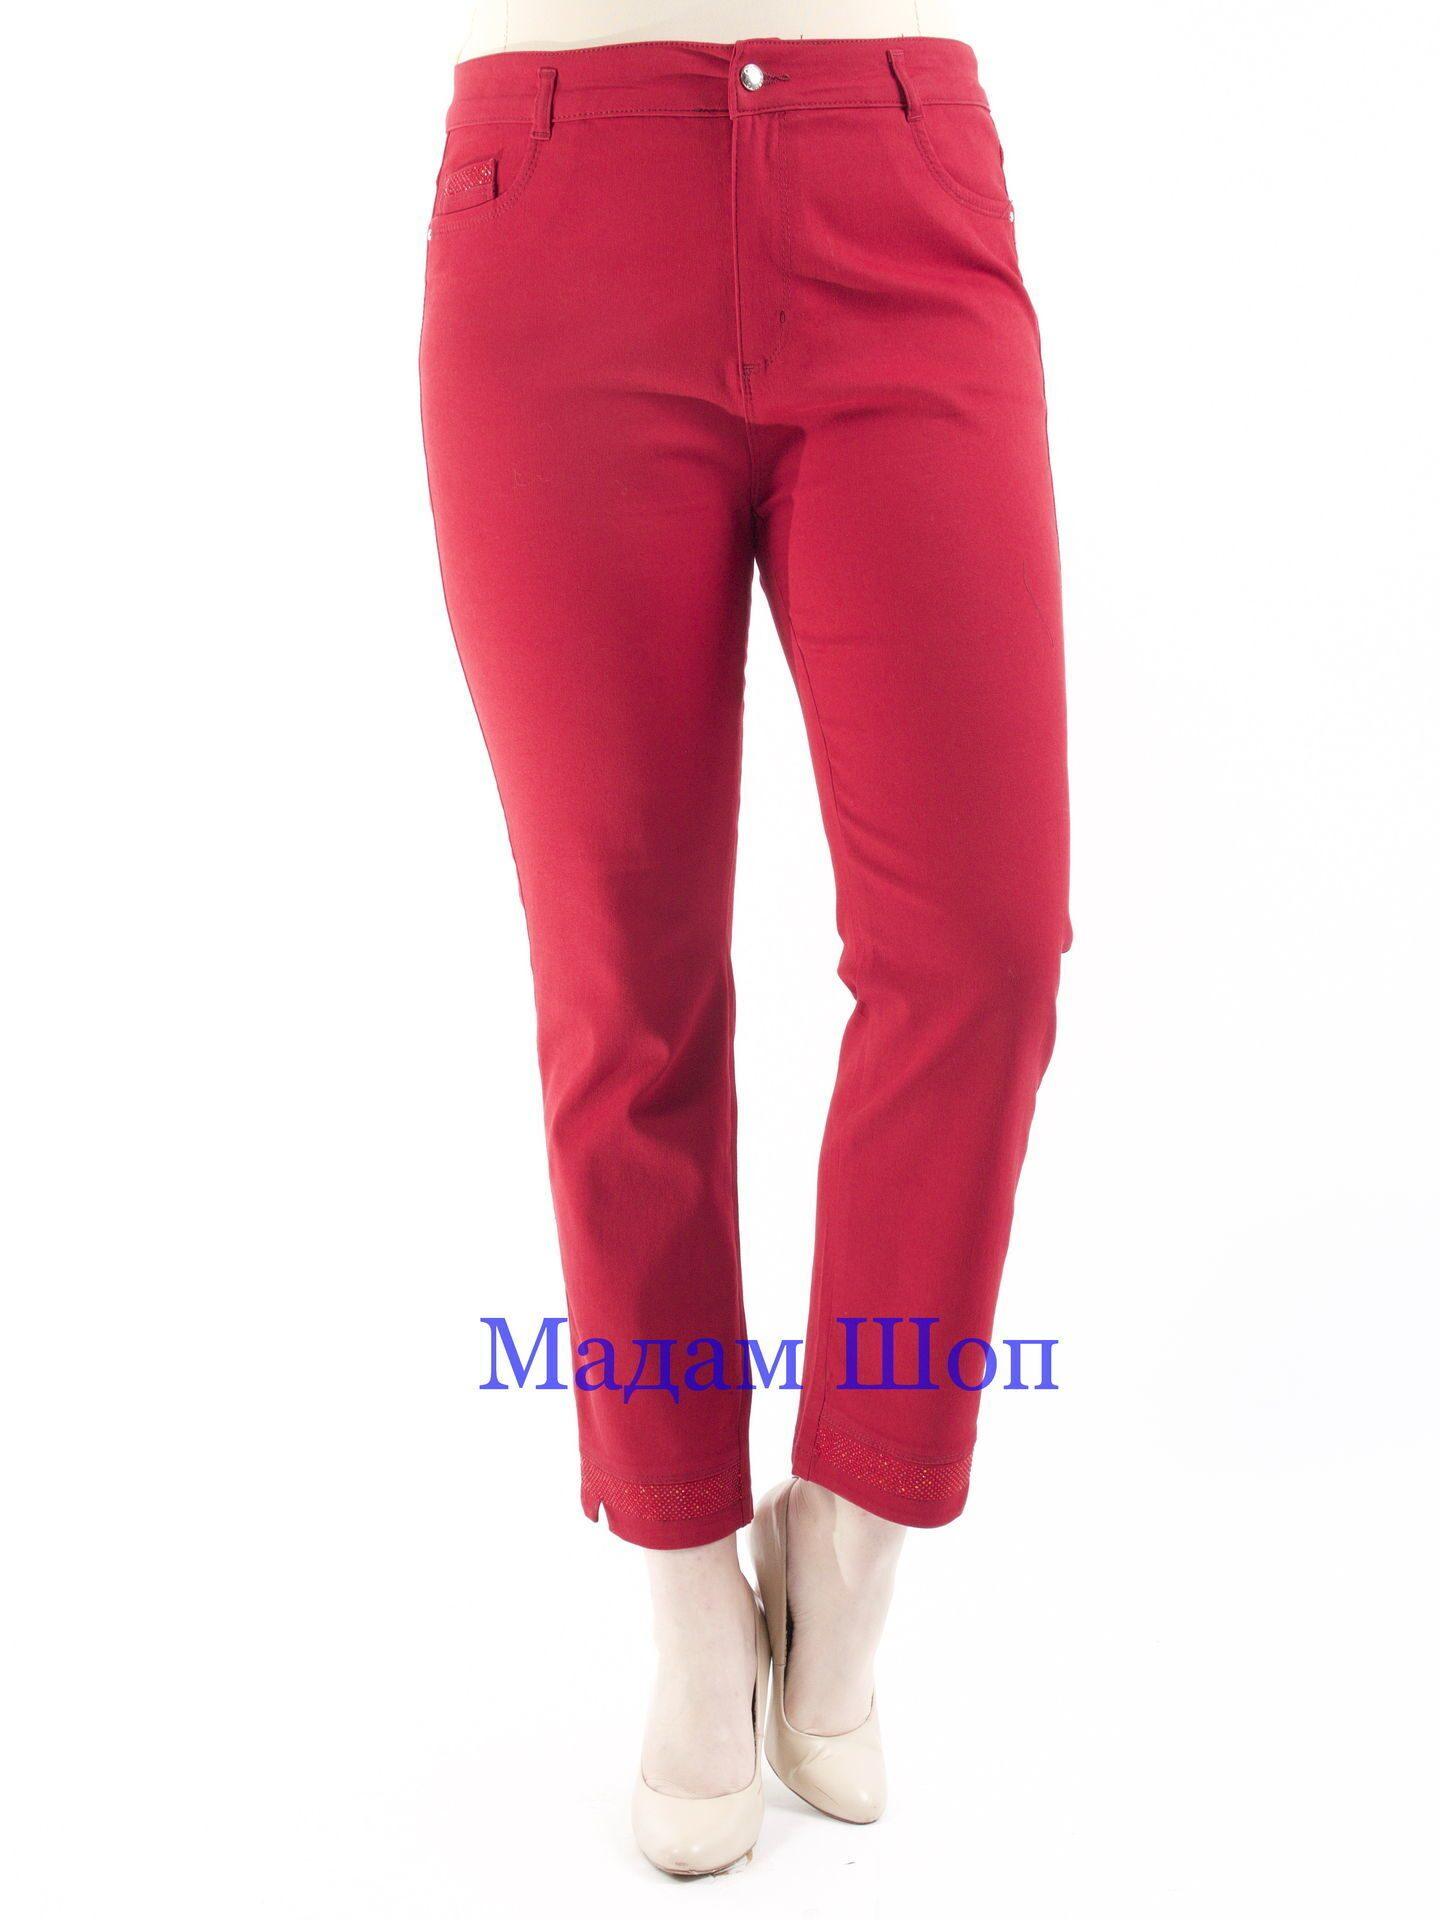 Женские брюки 54 размера